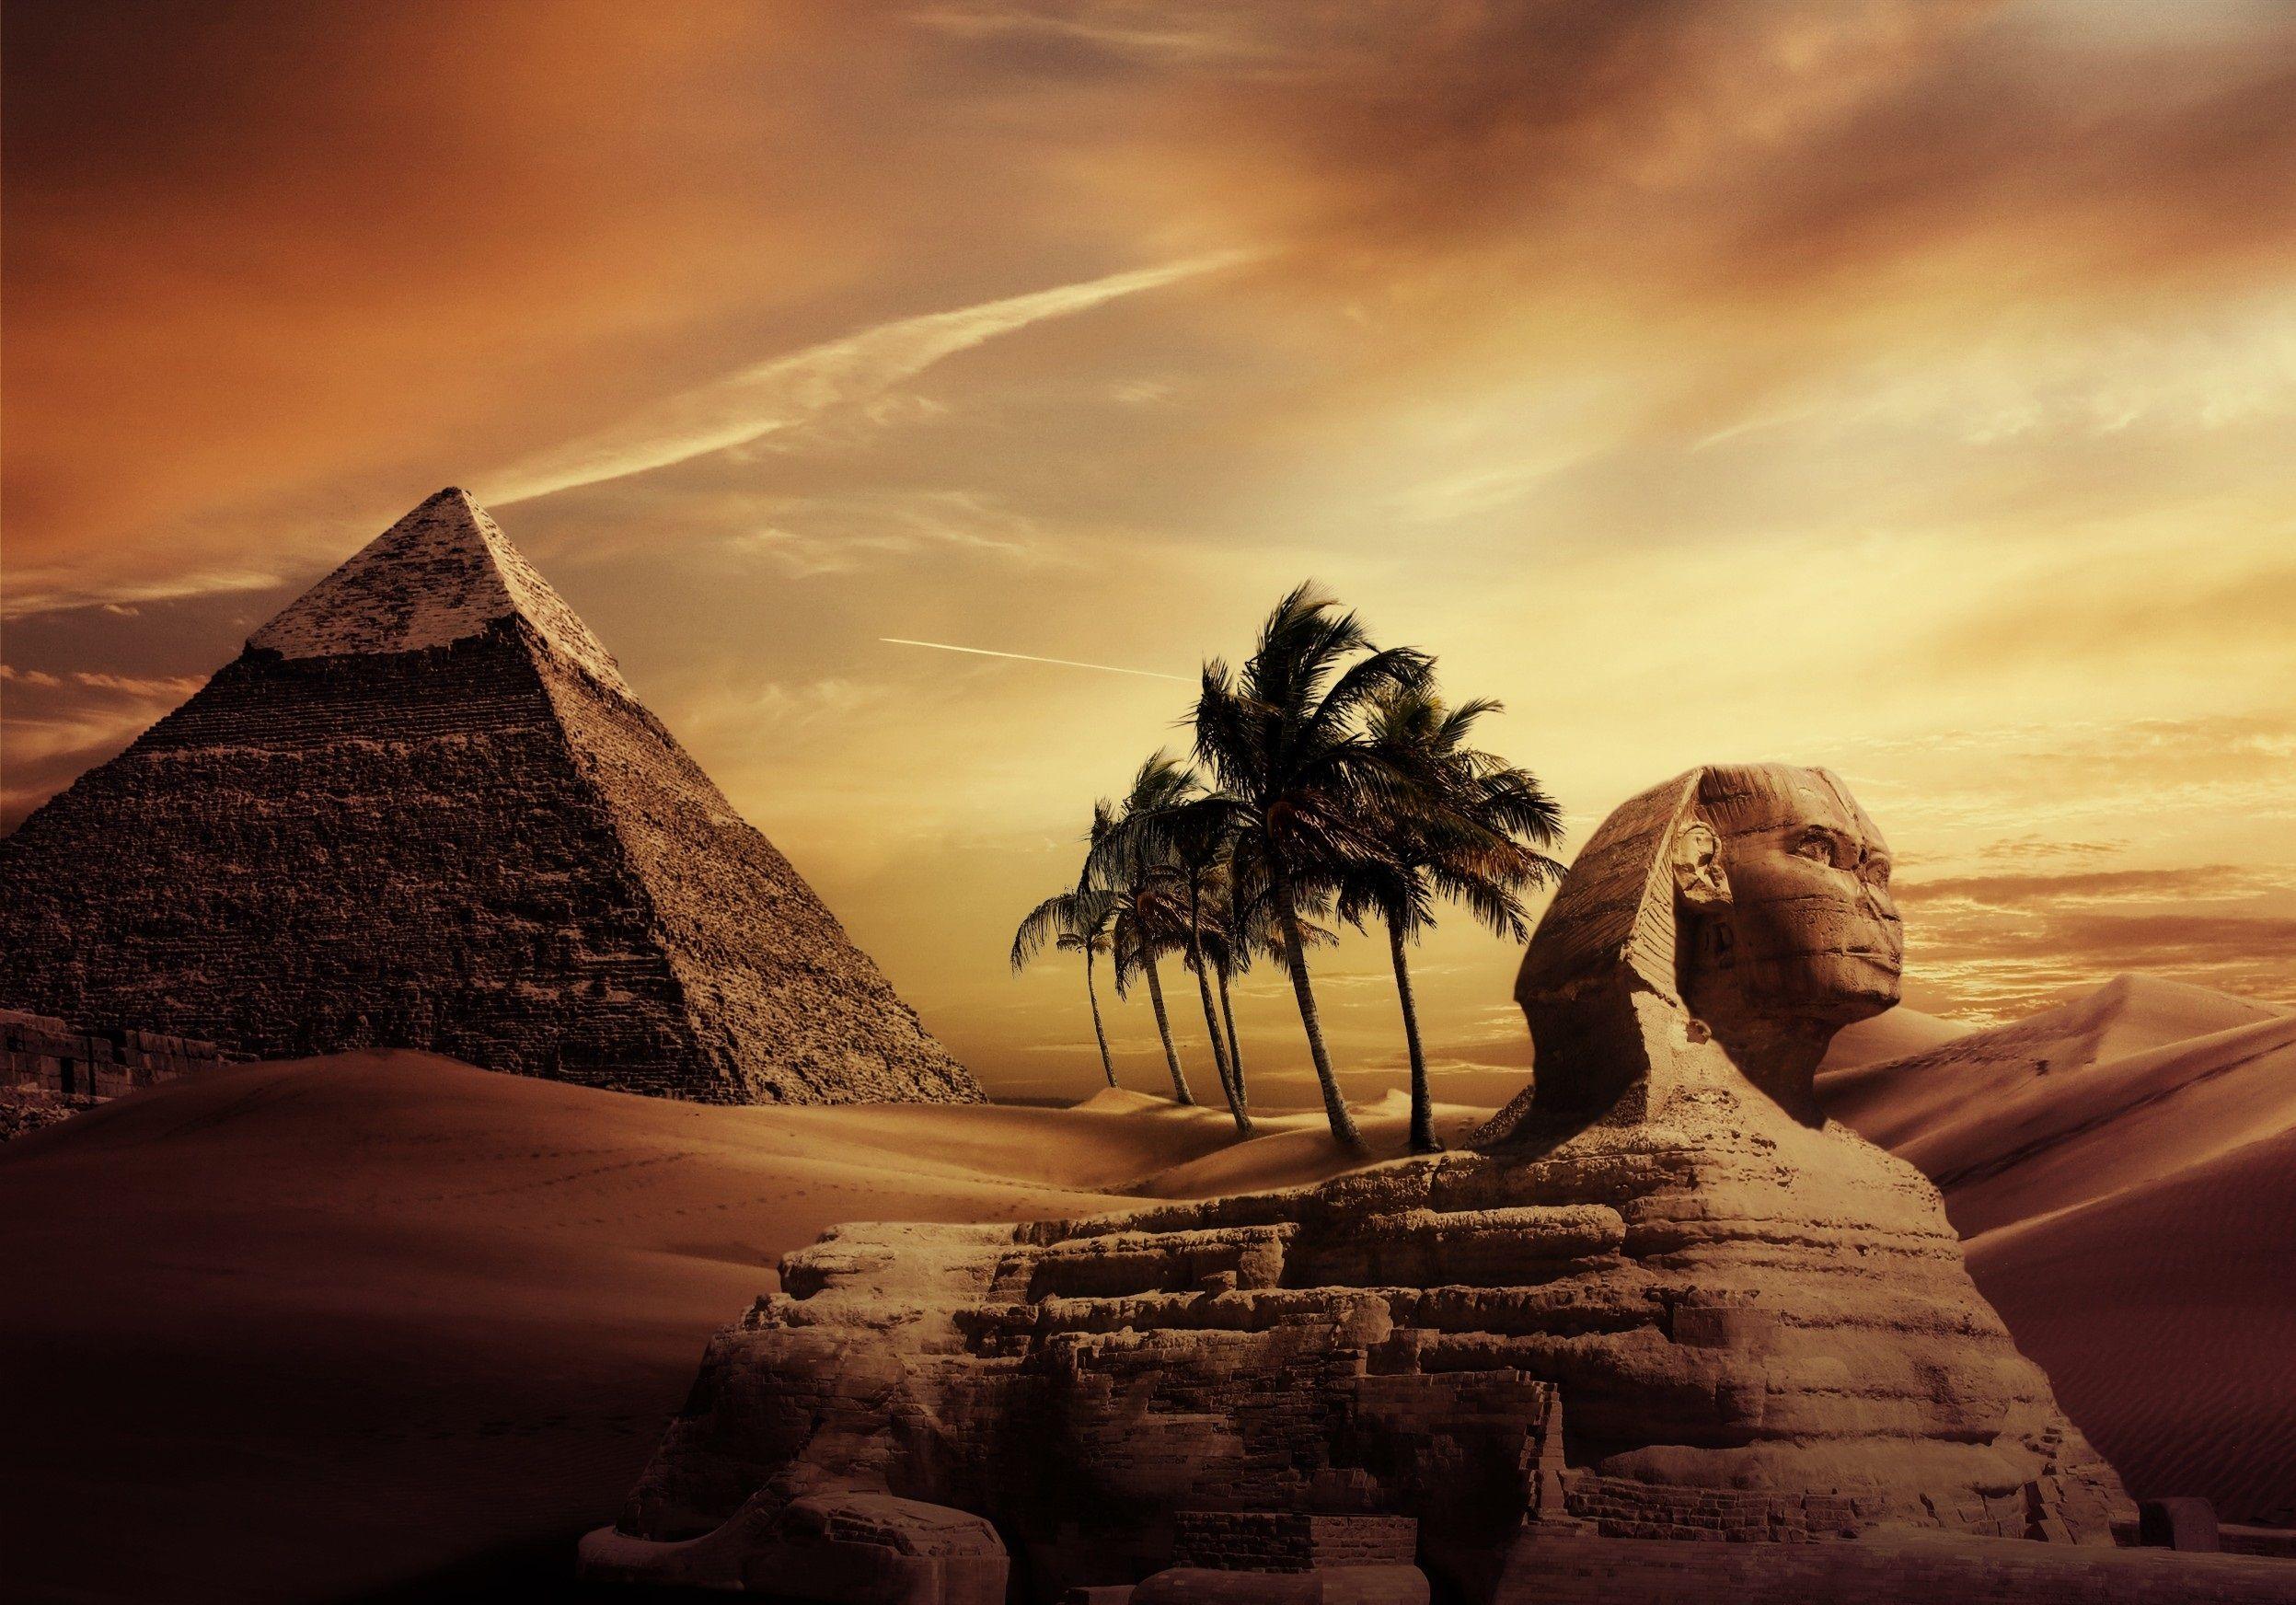 сорта, пирамиды древнего египта красивая картинка проявляются результате